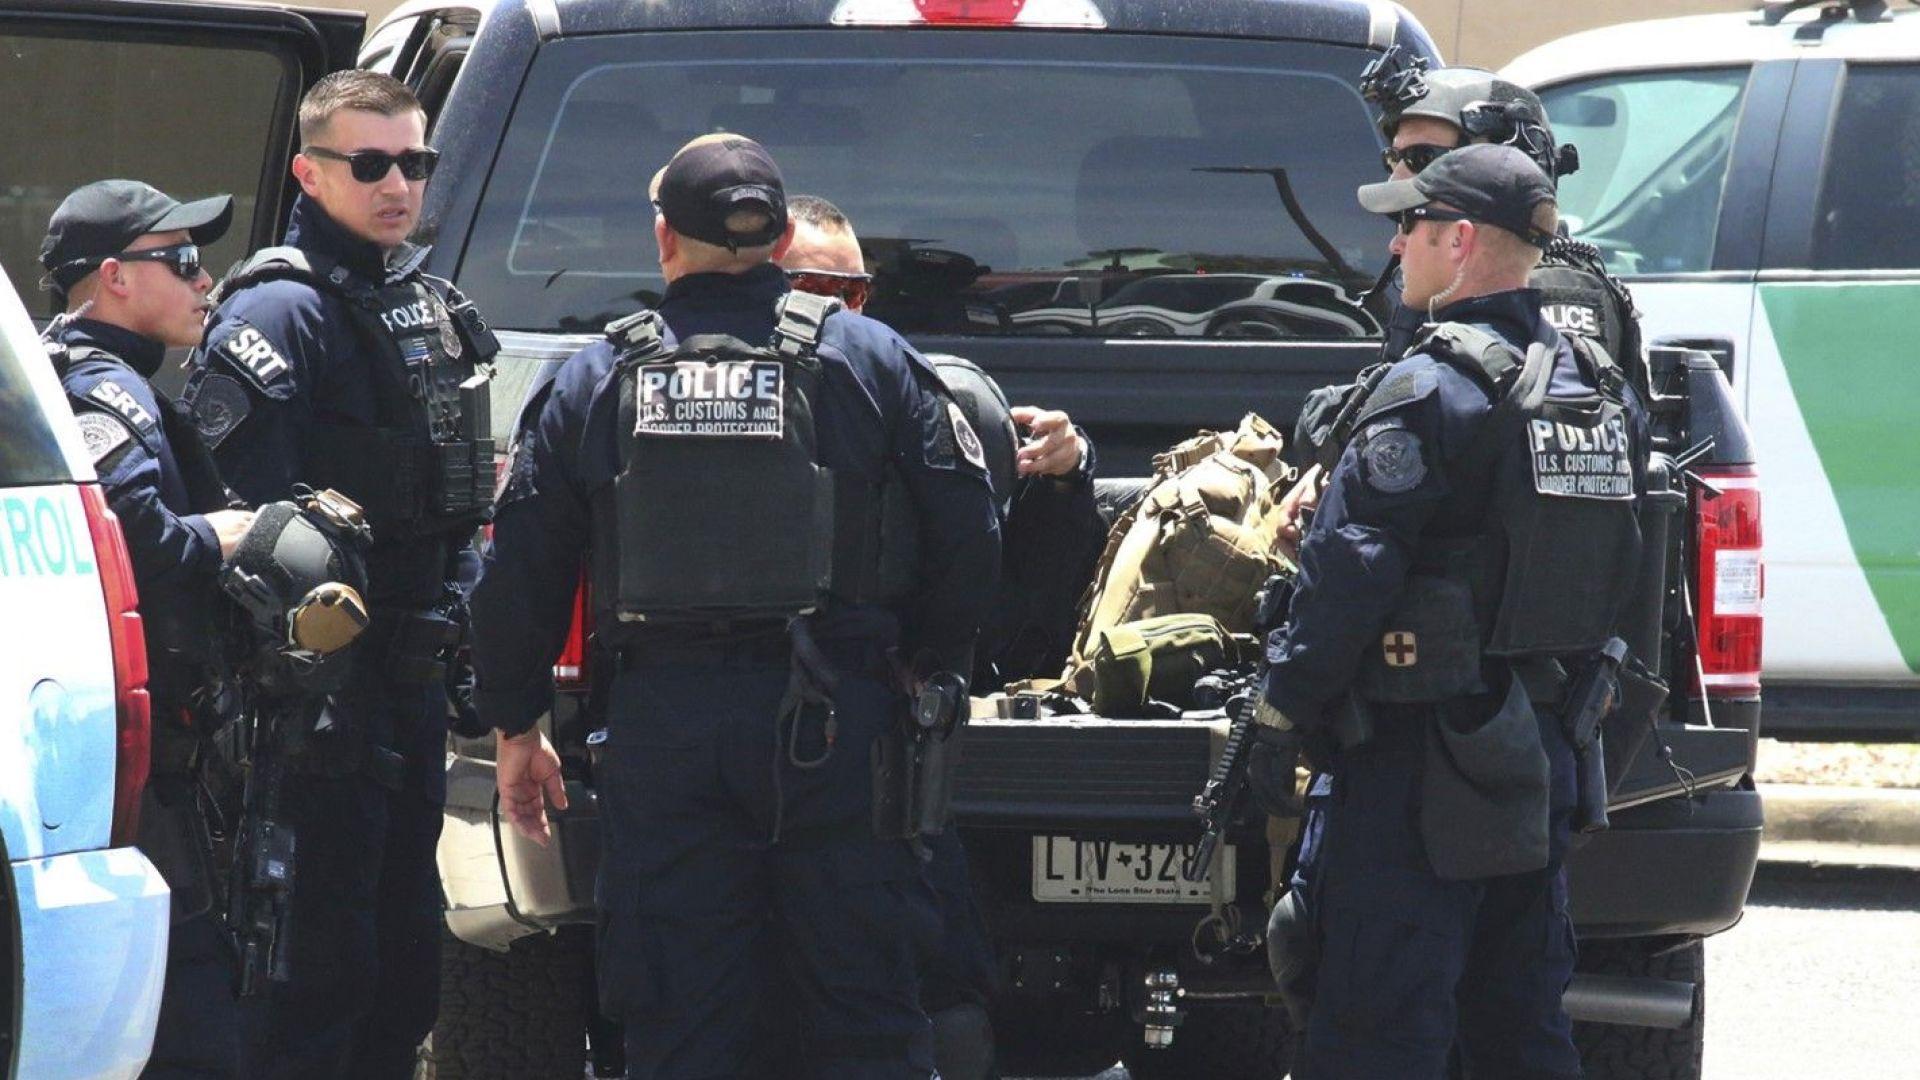 Кървав ден в Тексас: Поне 20 убити при стрелба в търговски център в Ел Пасо